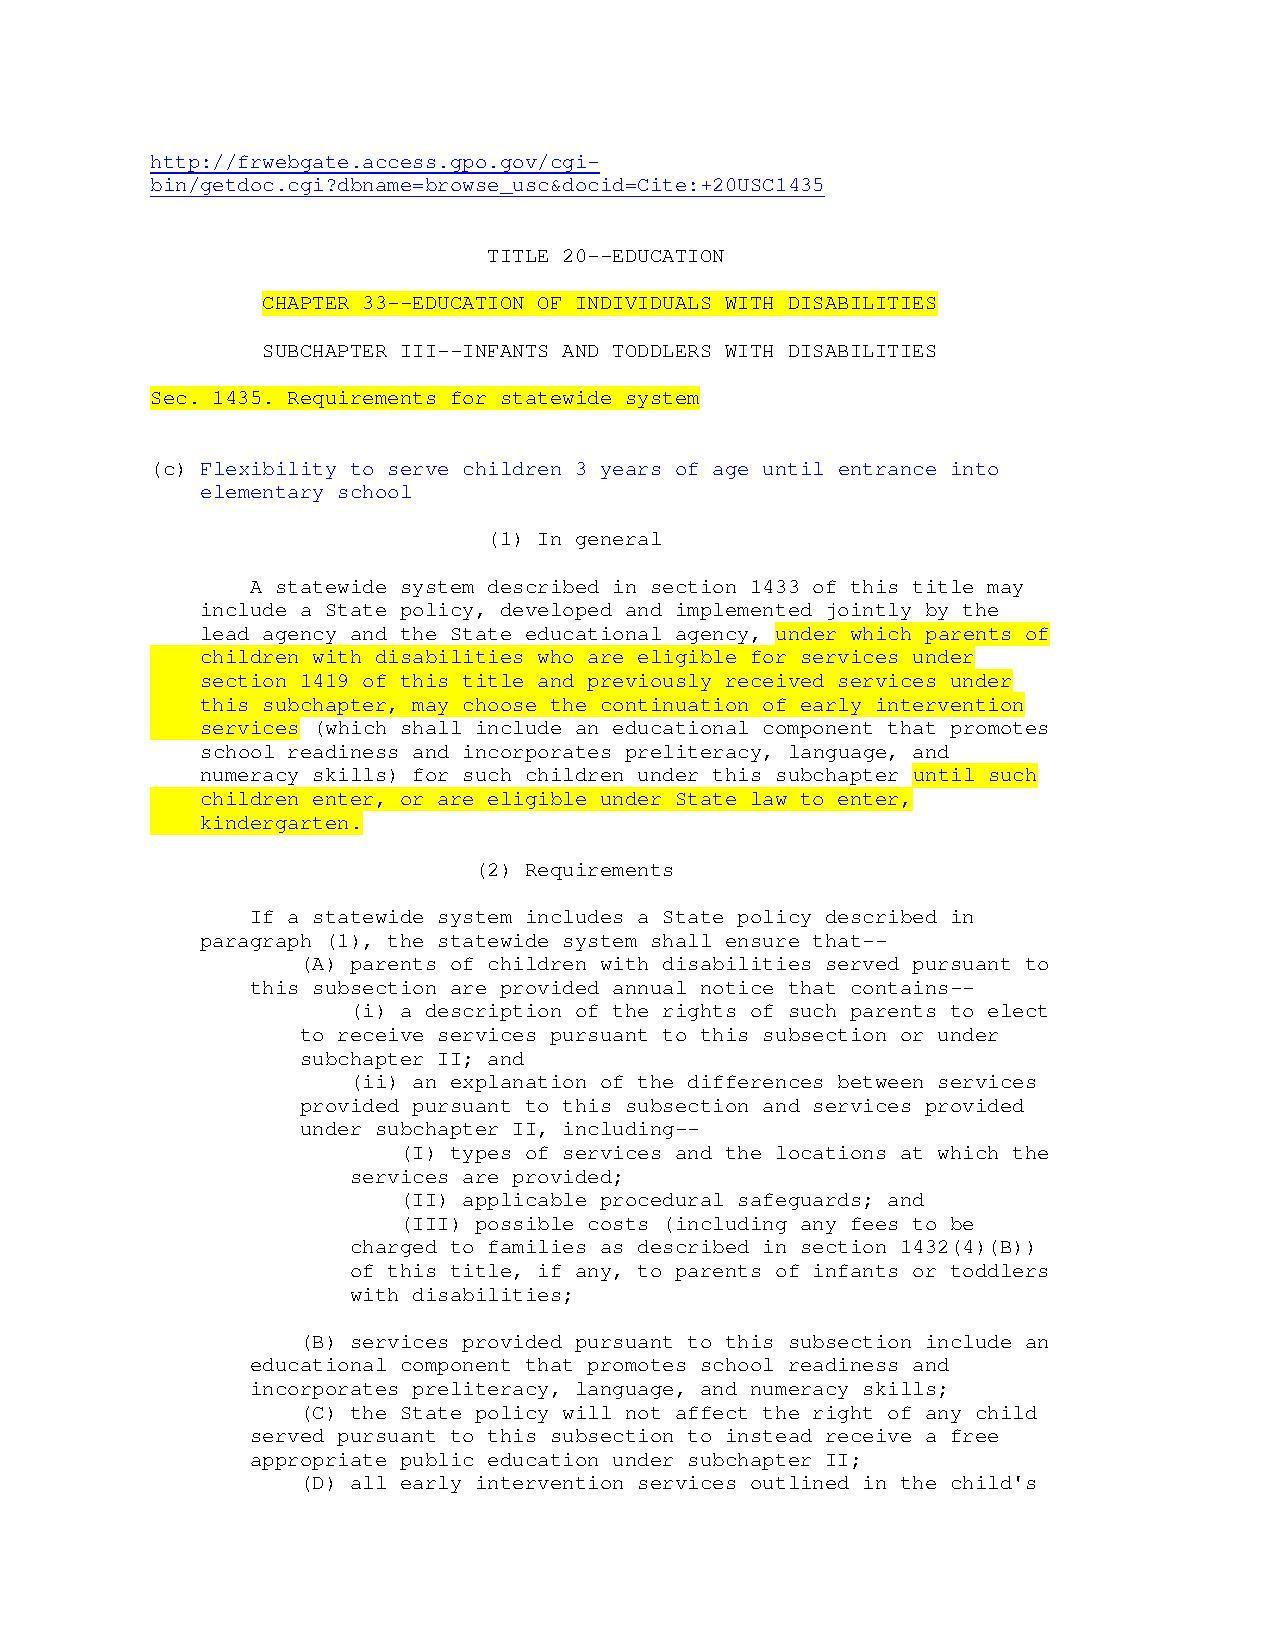 Department of Justice ADA Title III Regulation 28 CFR Part